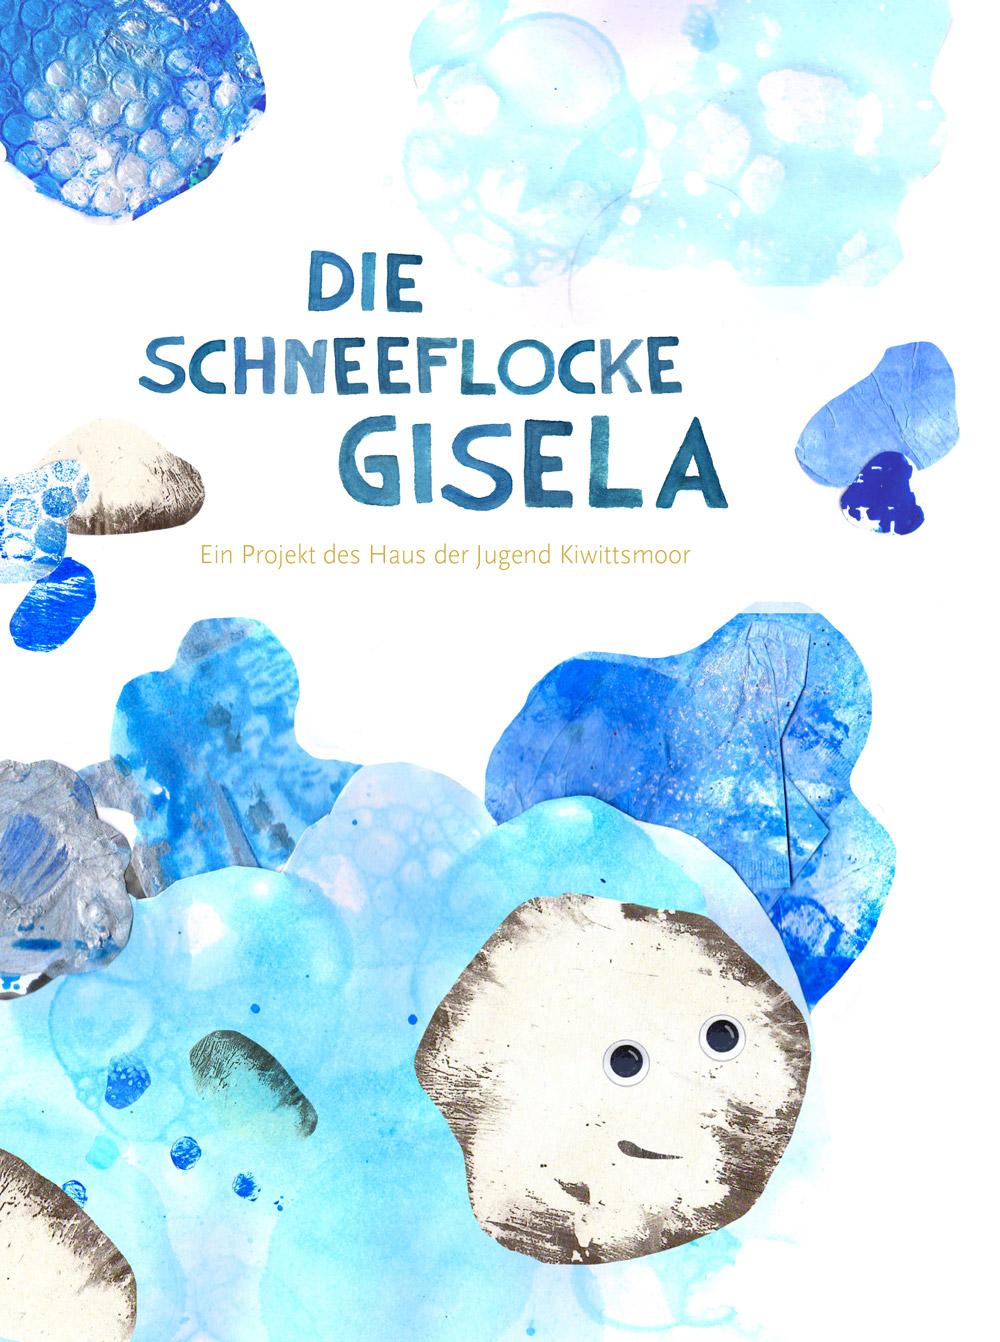 Die Schneeflocke Gisela